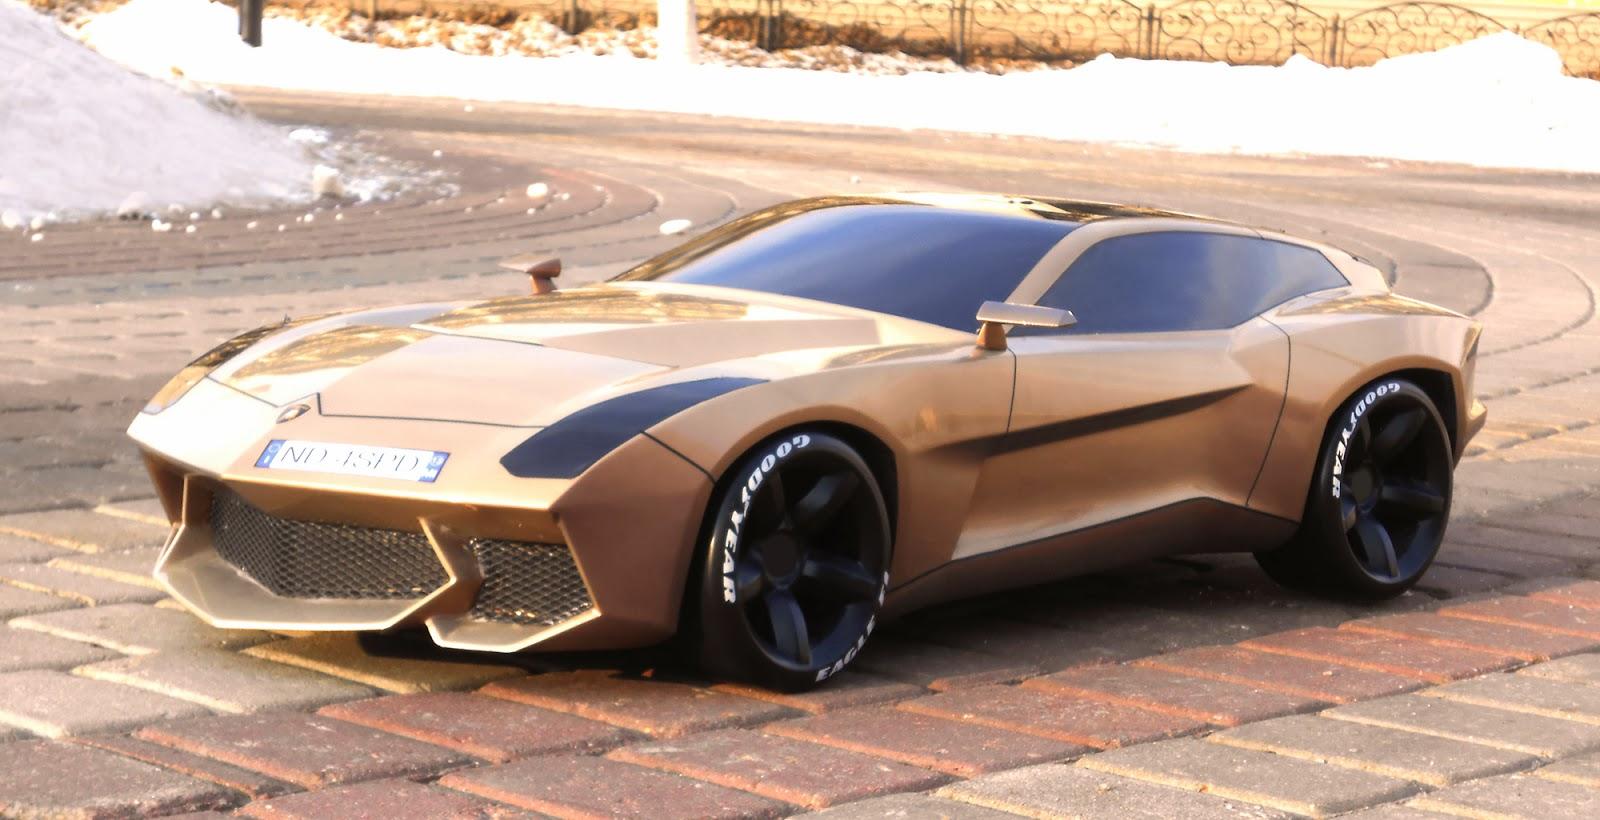 Igor Shitikov 2013 Degree Project 1 5 Sclaed Lamborghini